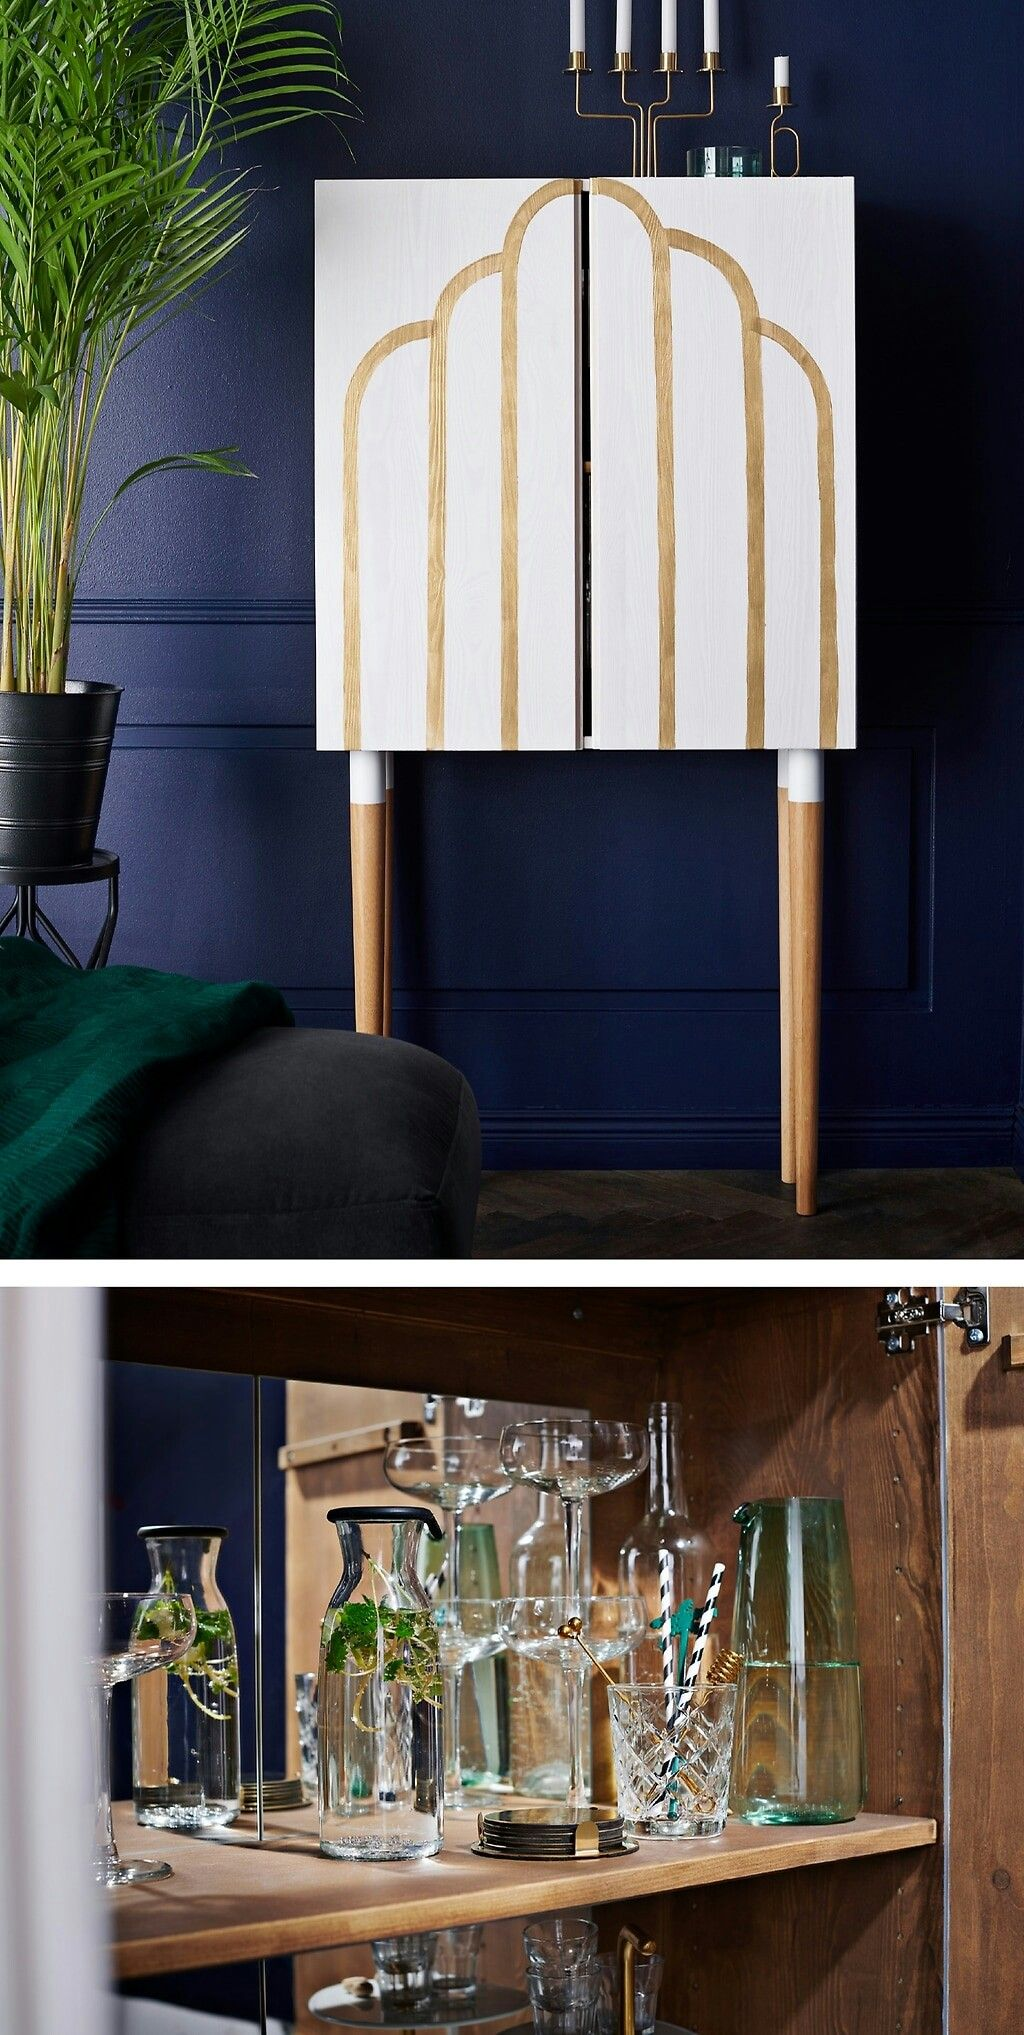 Einfaches haus design bilder einzigen stock ikea mirror makes the bar cart  nice in   pinterest  ikea